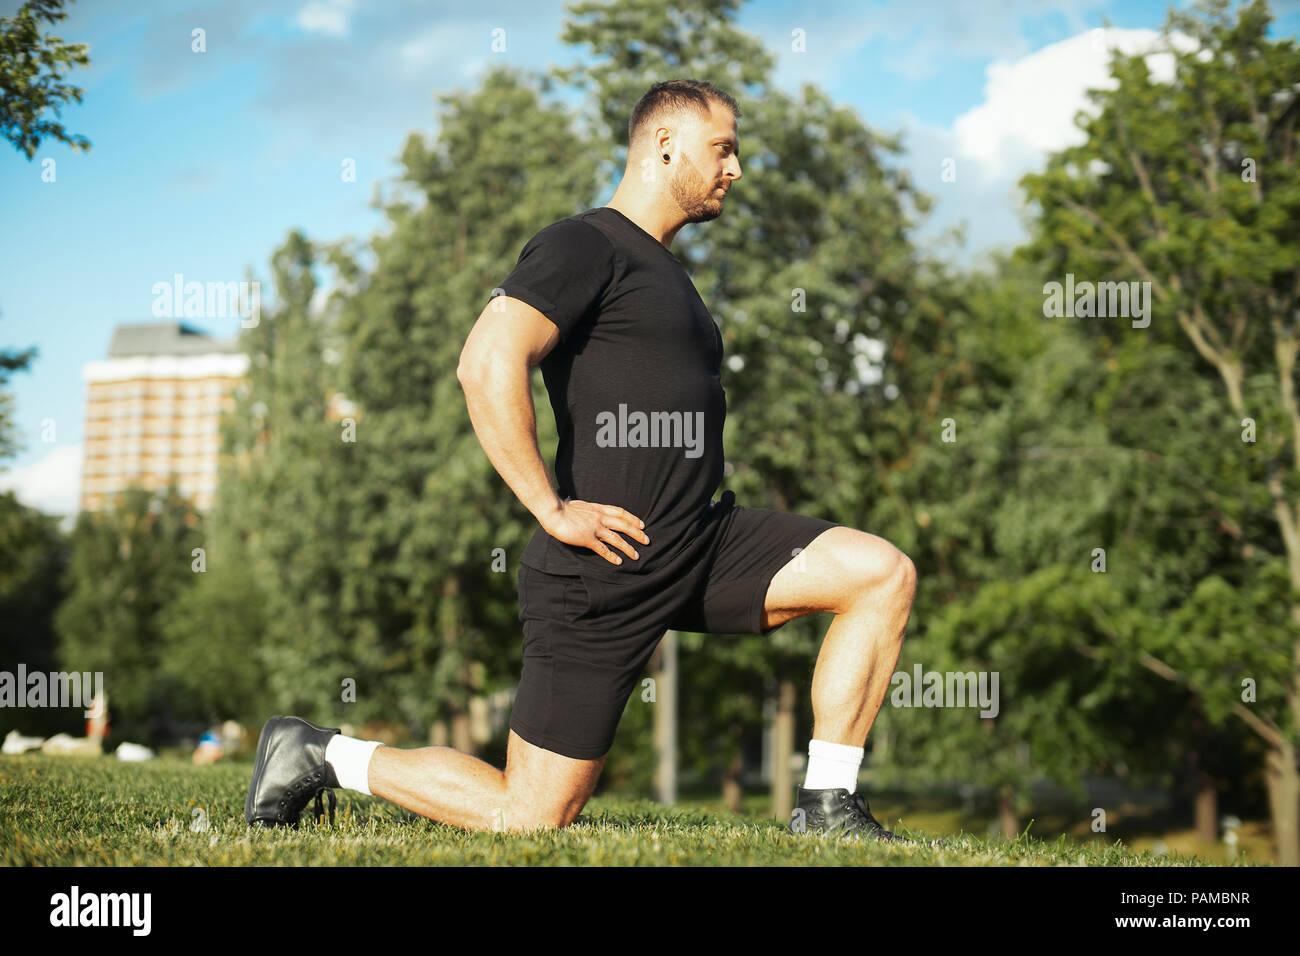 Giovane uomo attraente stretching gambe all'aperto facendo affondo in avanti l uomo è messa a fuoco e il colore di primo piano e sfondo sfocato. Foto Stock